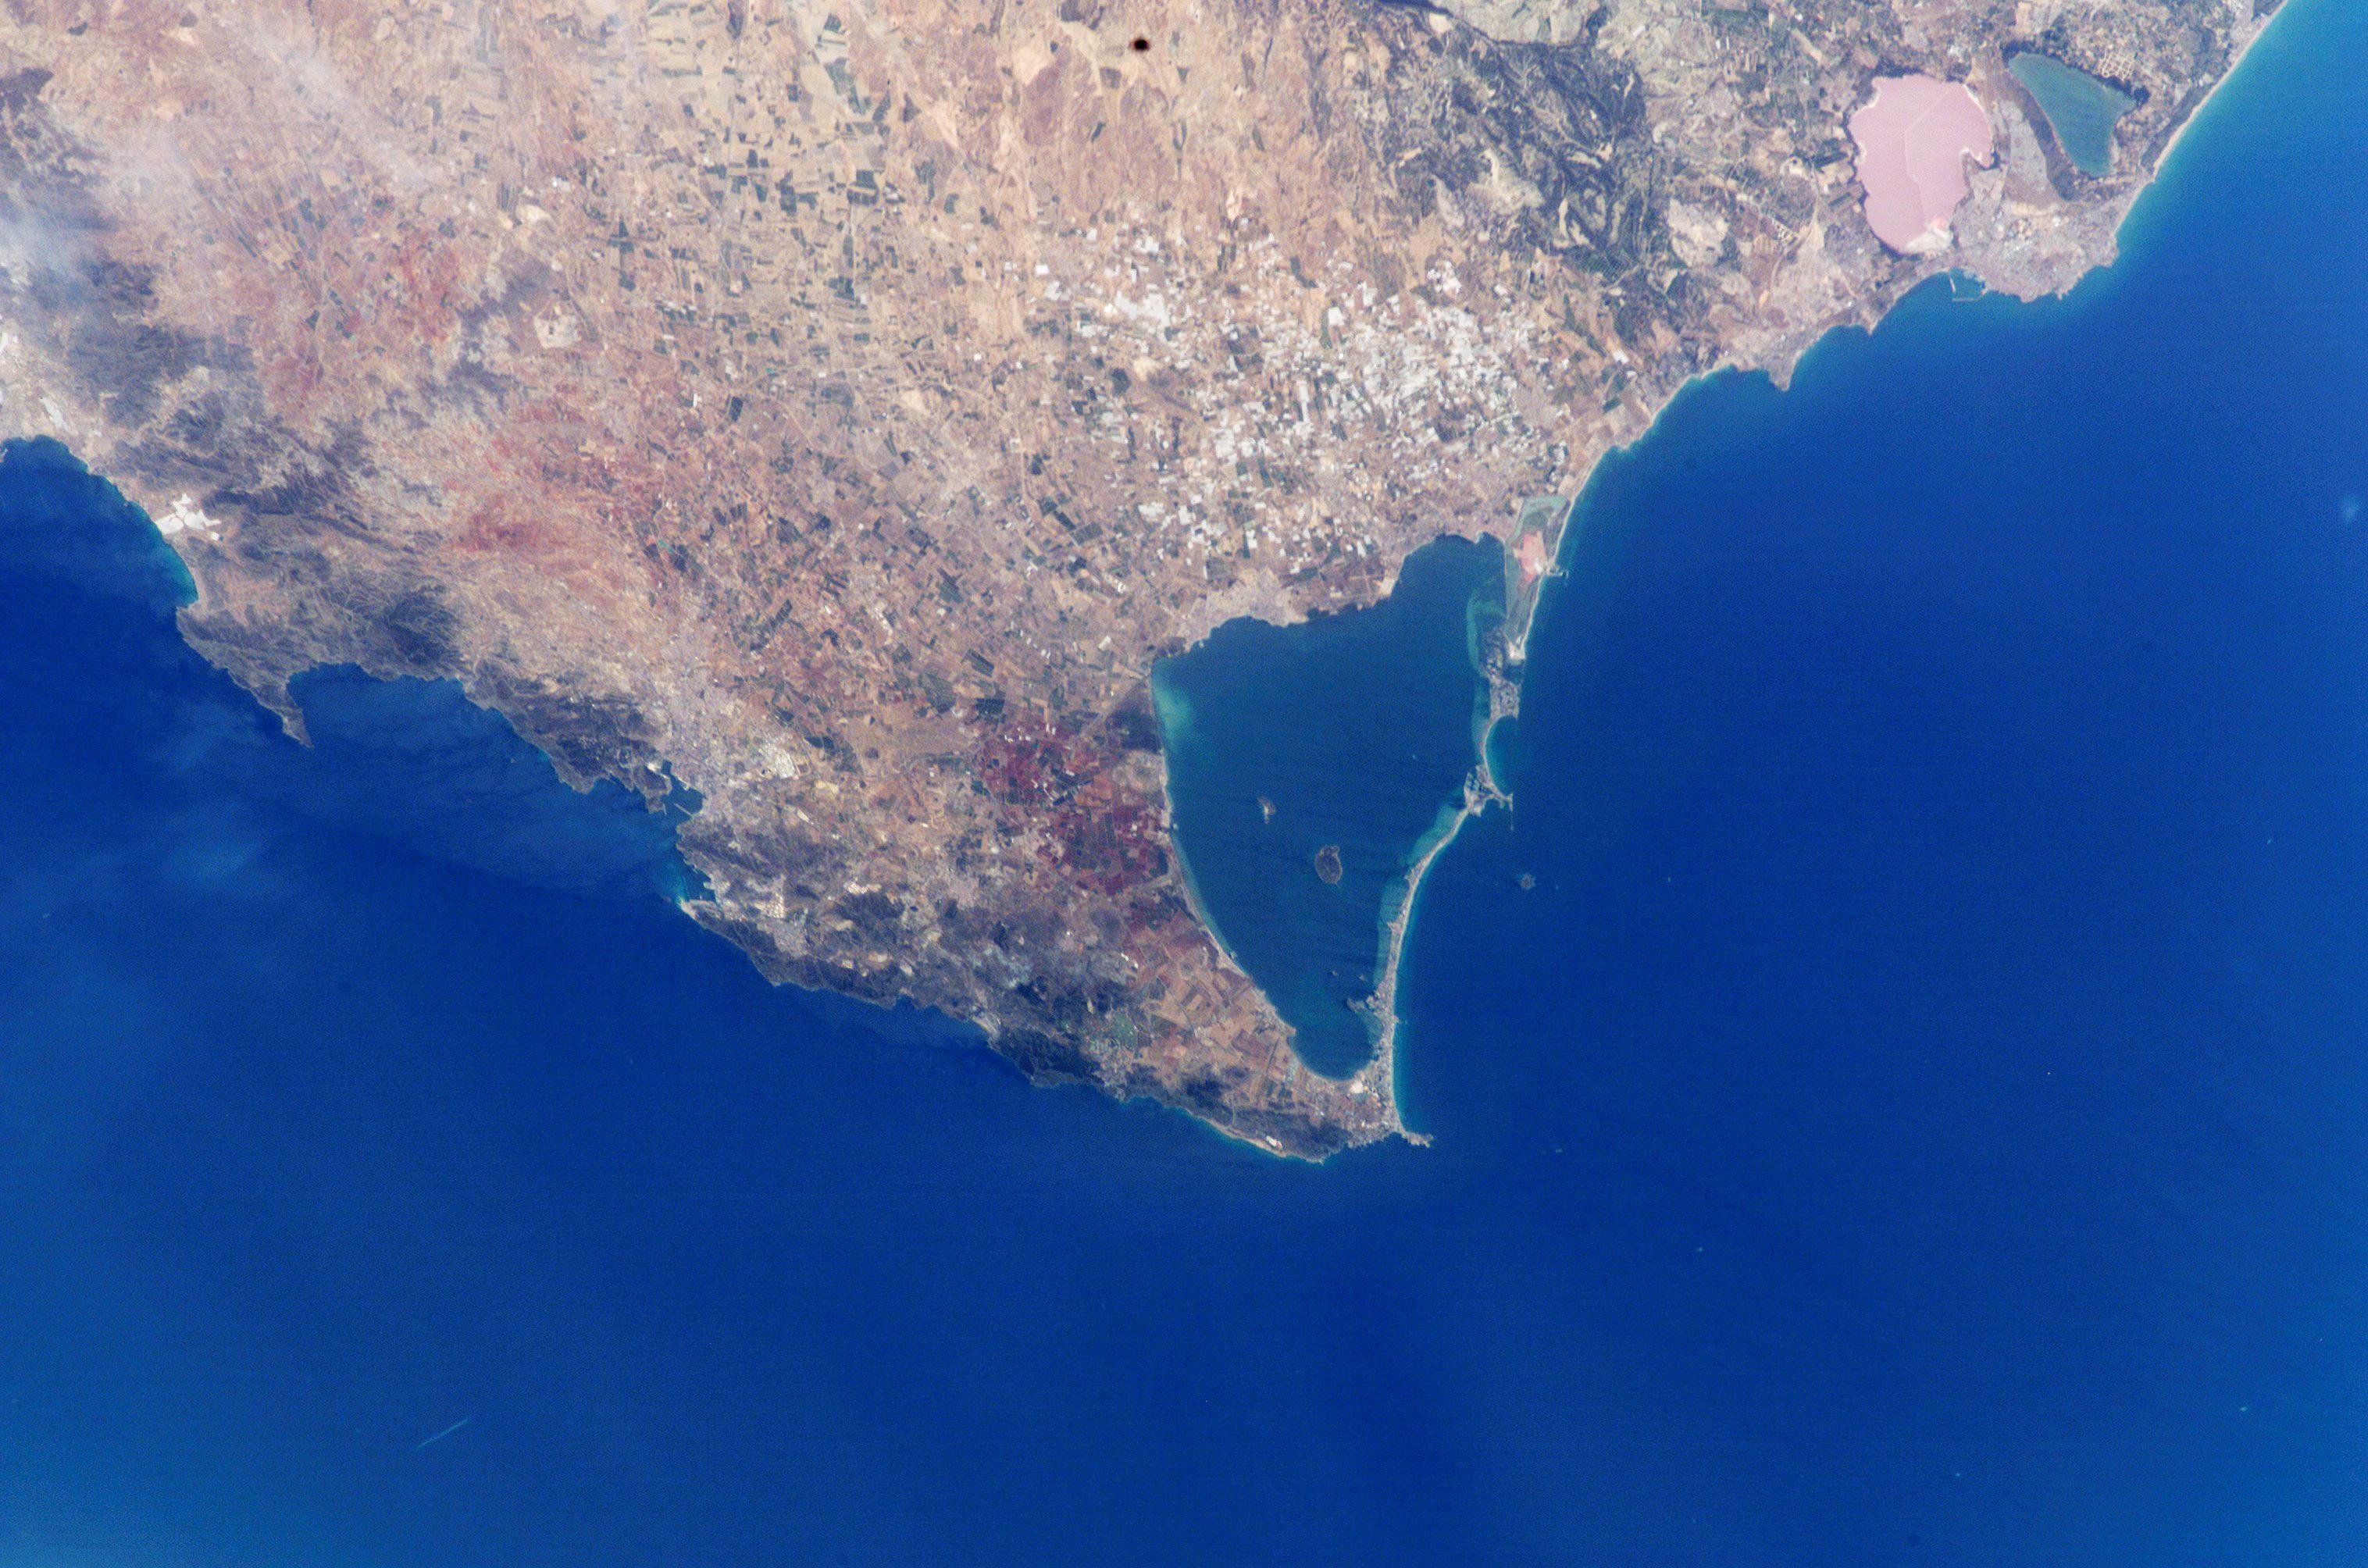 El Plan aborda el tramo de costa comprendido entre el puerto de Pilar de la Horadada y Cabo de Palos. Imagen: Miteco